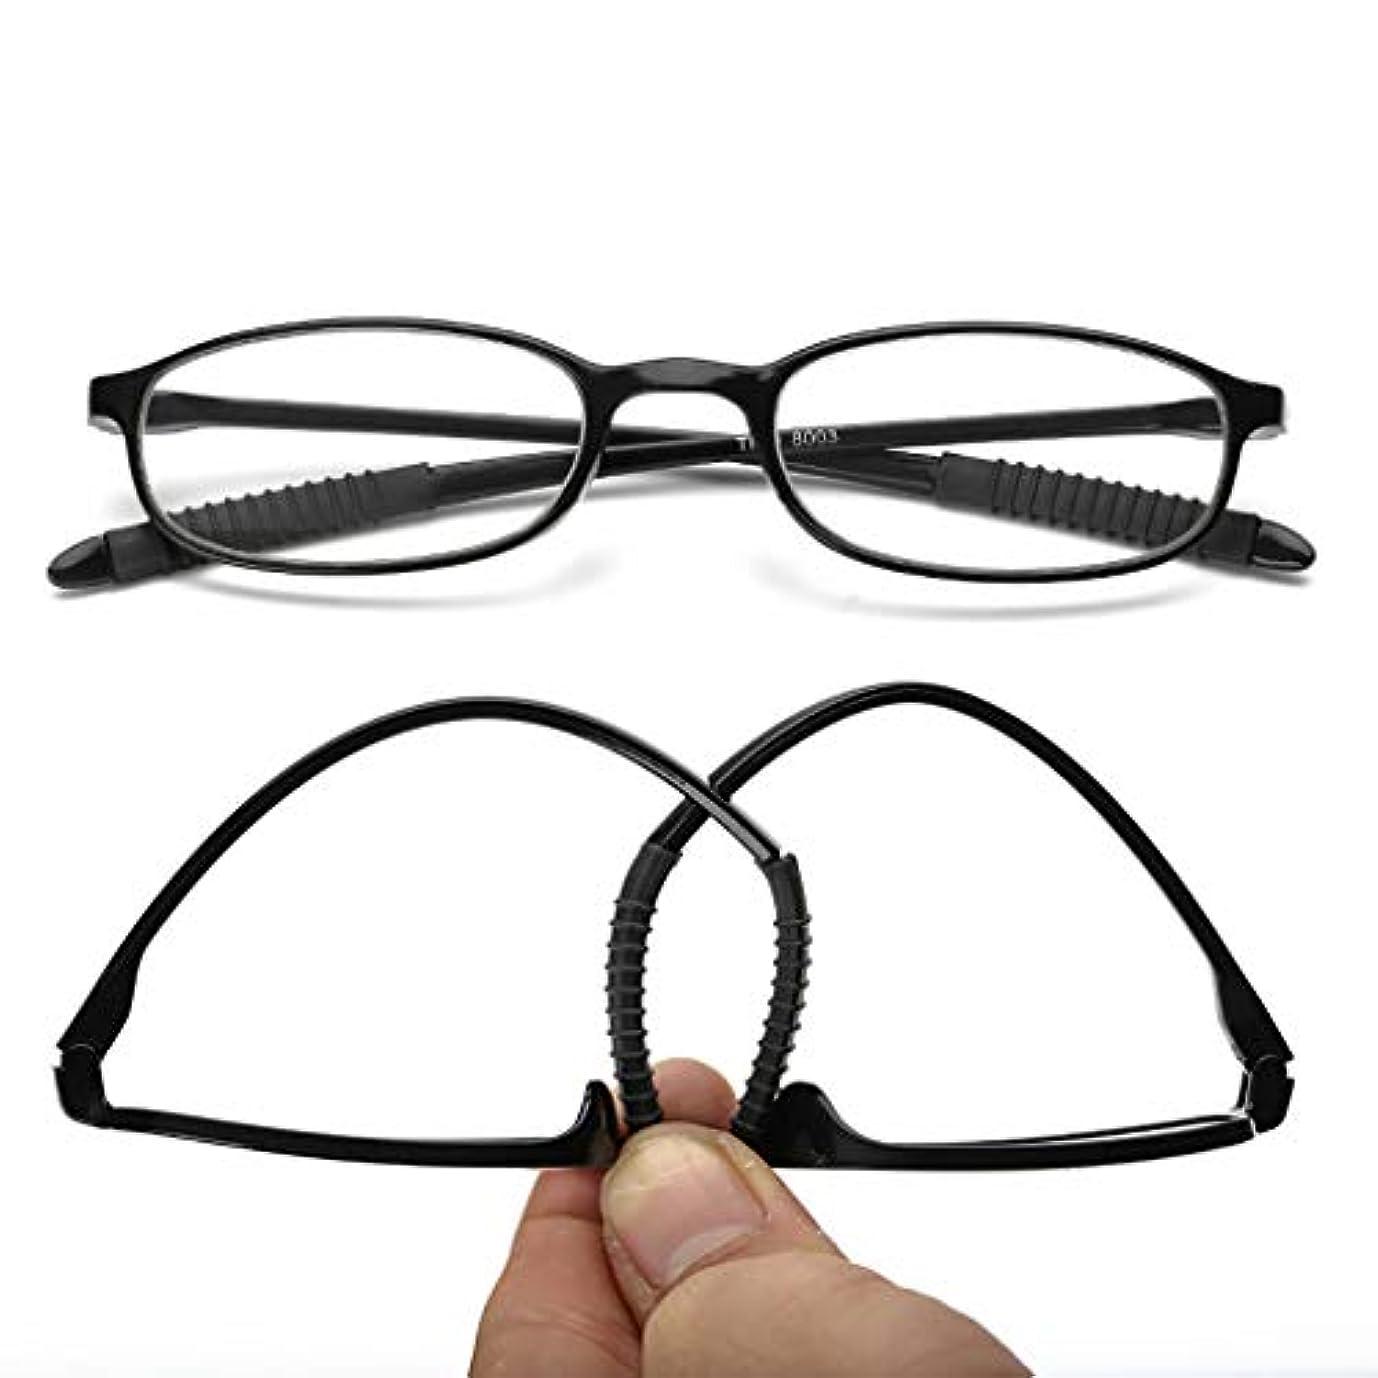 シングル豆腐勤勉老眼鏡ユニセックス、快適でエレガントなTr90超軽量樹脂抗疲労高齢者用メガネ、シンプルブラック